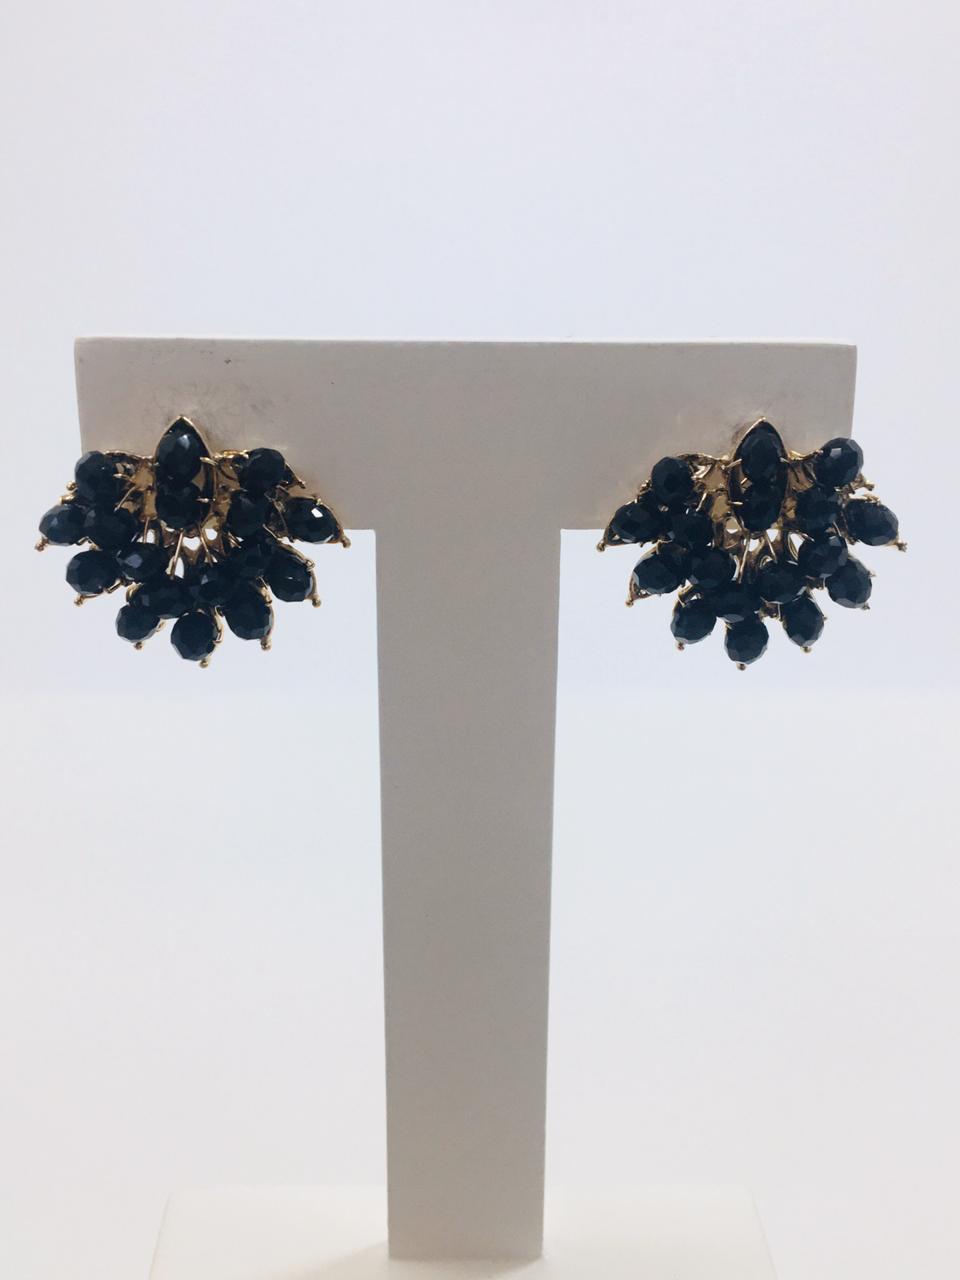 Brinco bordado com cristais preto folheado em ouro 18k - B3P0001